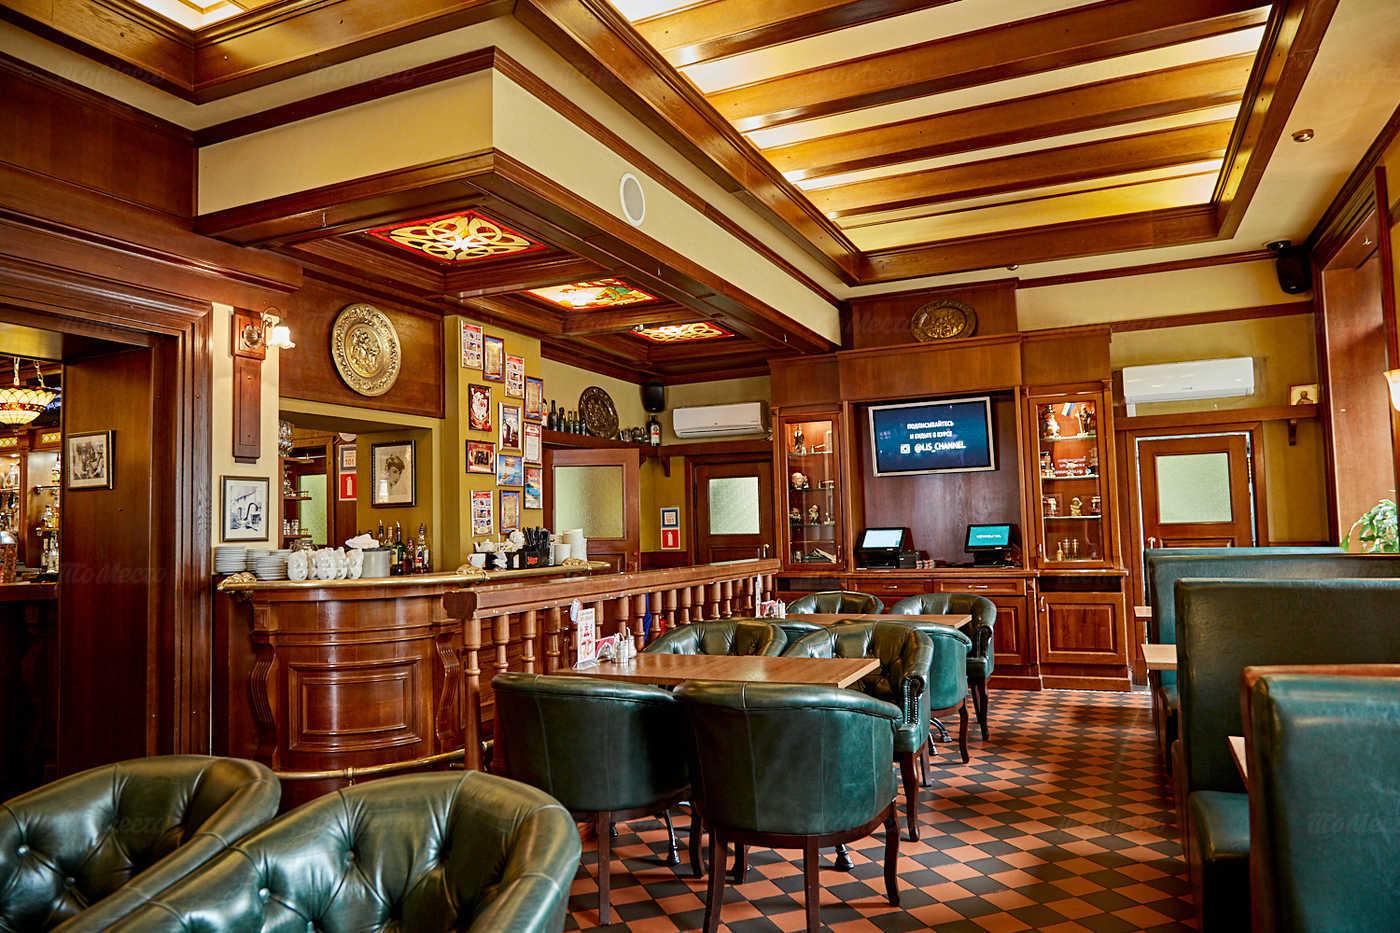 Ресторан Темпл Бар (Temple bar) на Ладожской улице